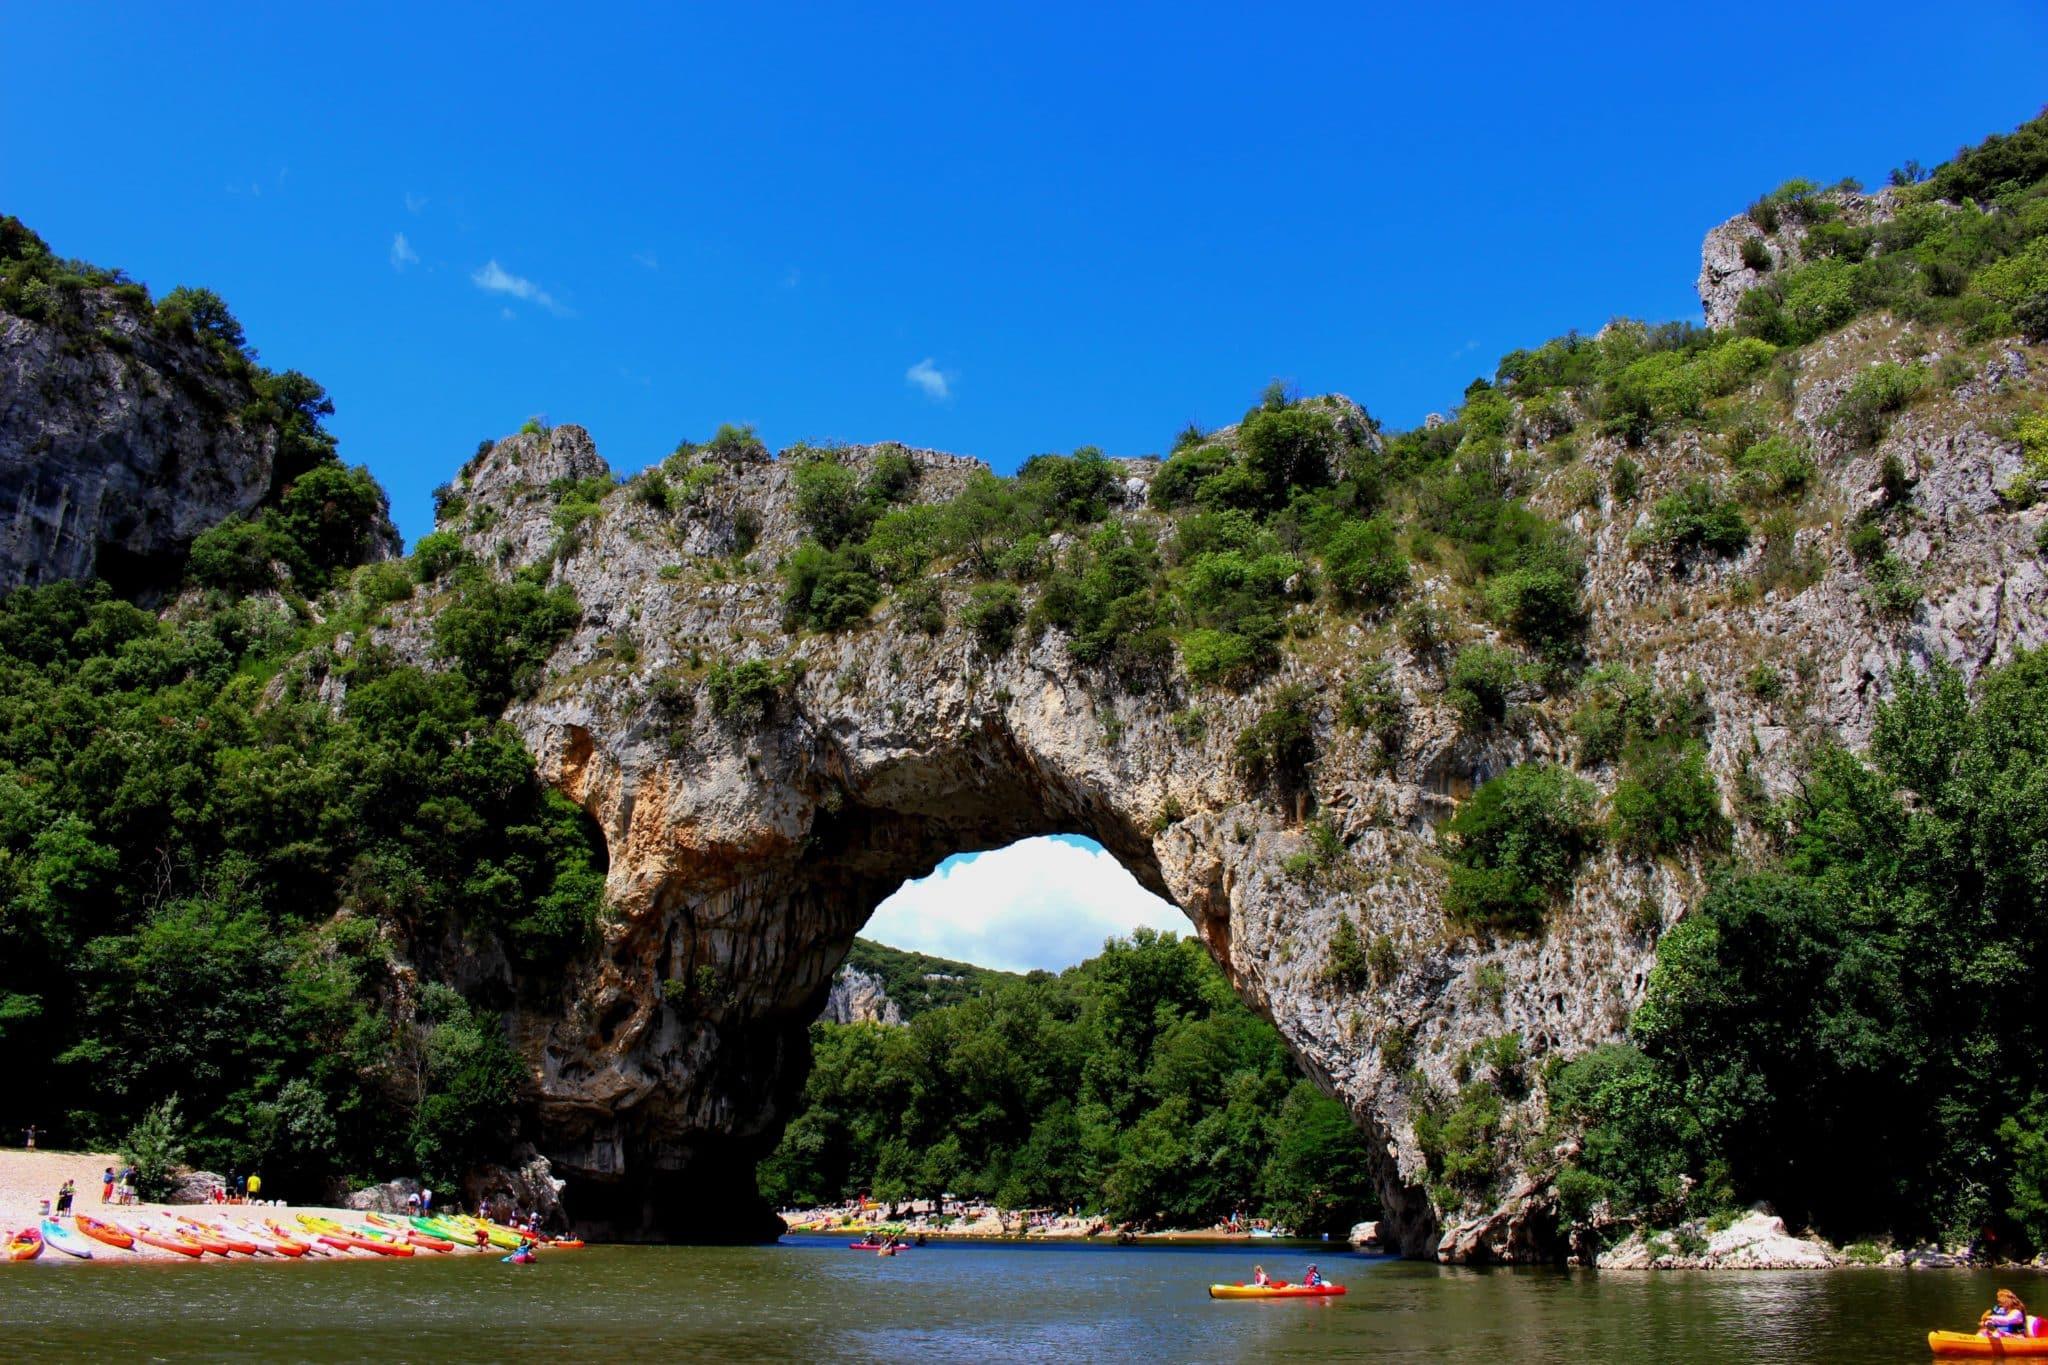 visiter le pont d'Arc camping Le Vieux Vallon